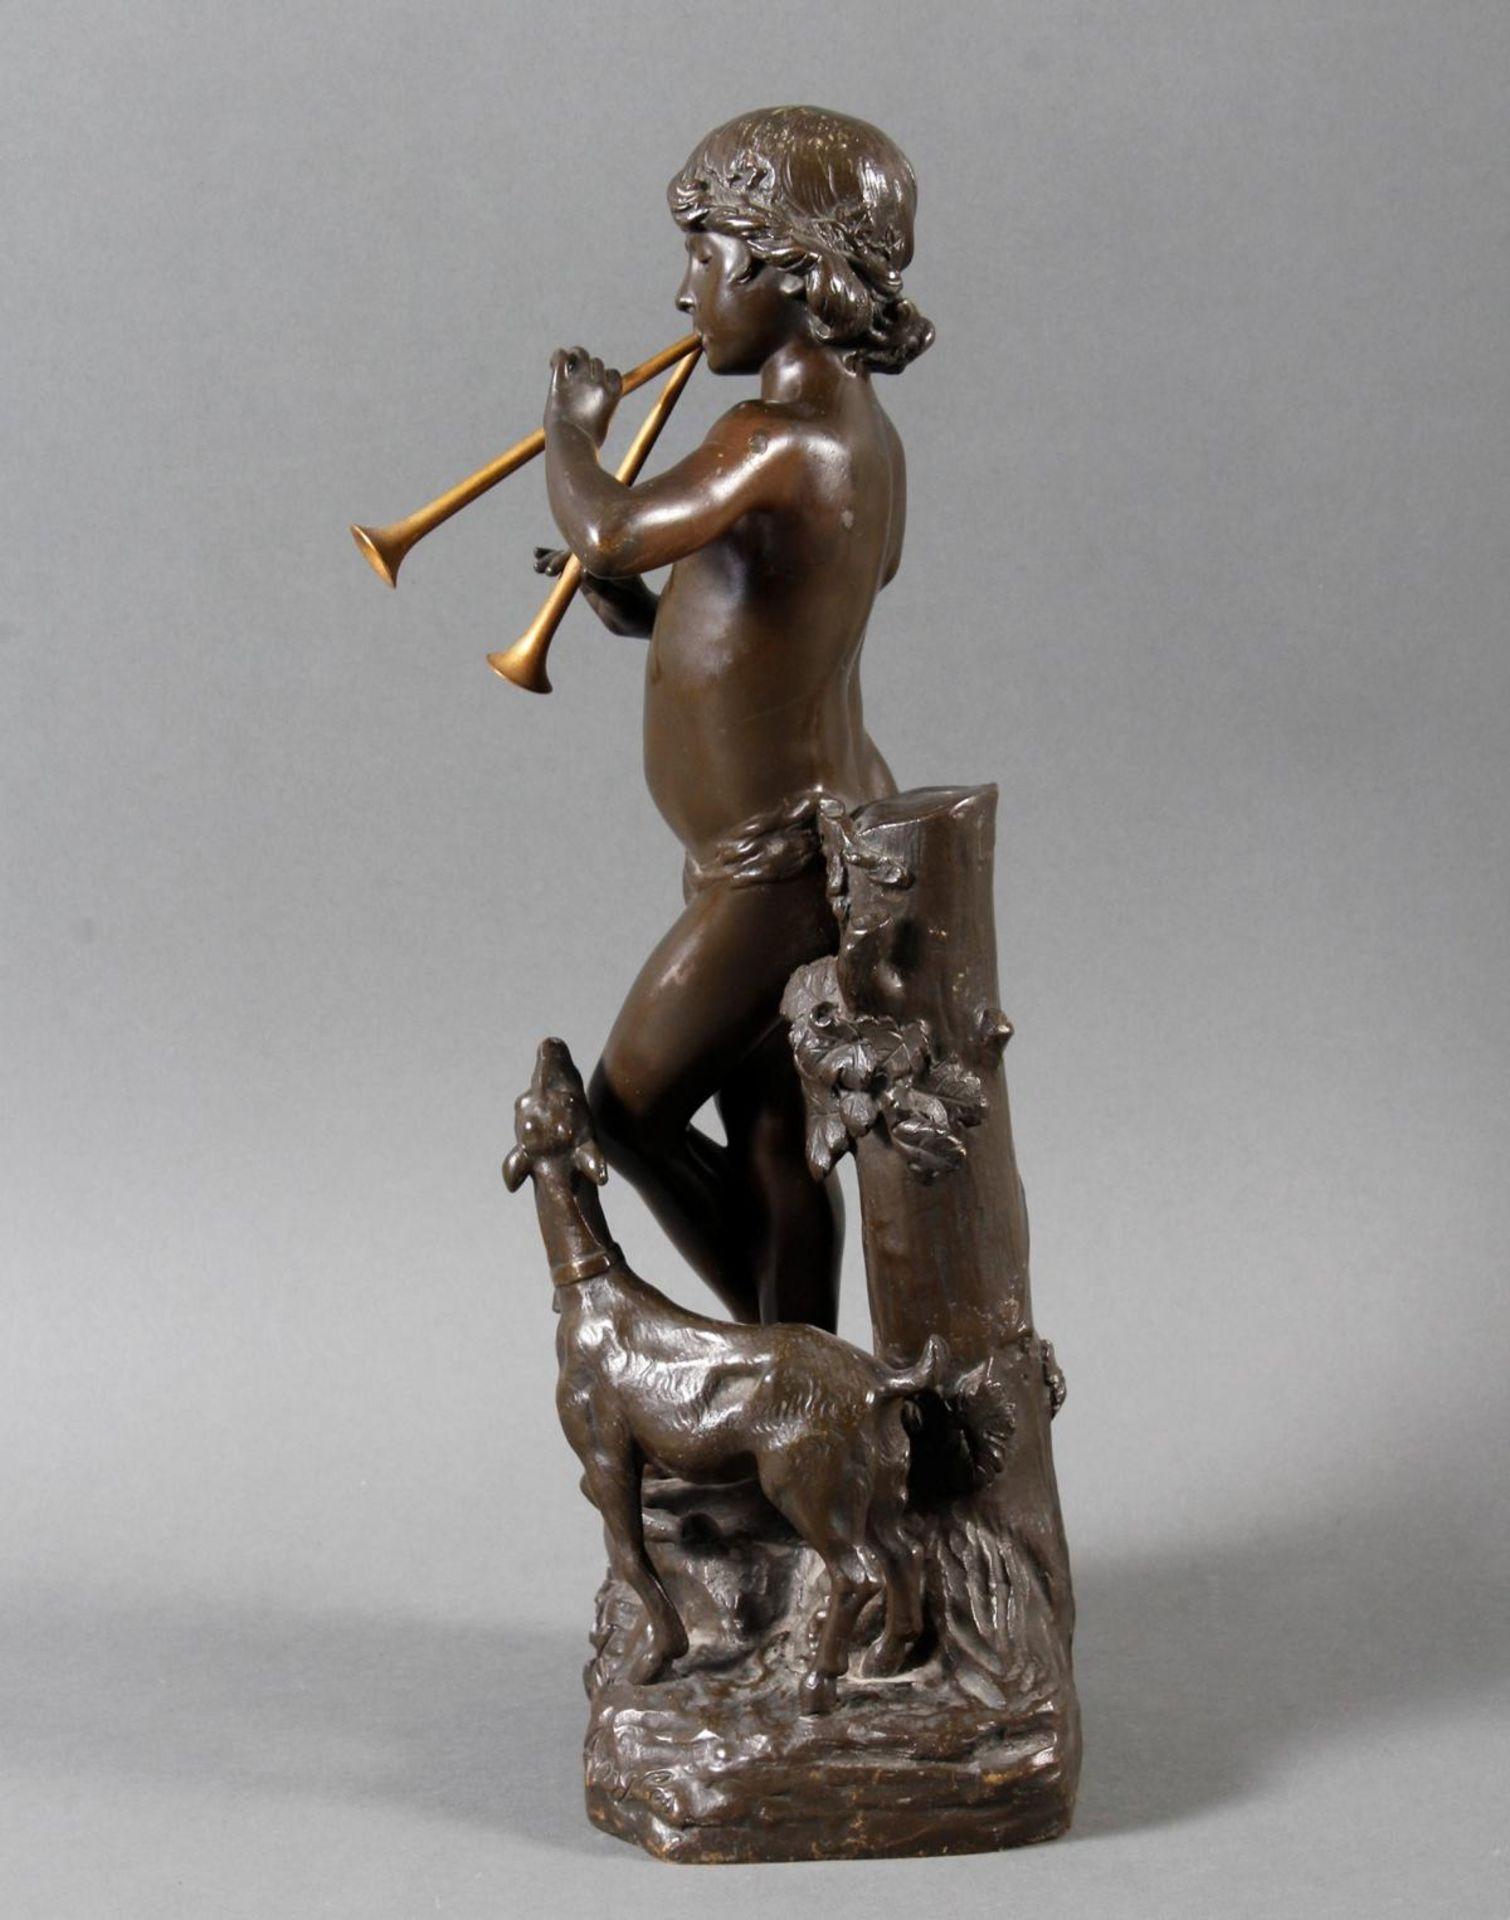 """Jugendstil Bronze """"Idylle"""" Frankreich um 1900 .Akt eines Flötenspielenden Hirtenjungen mit Ziege - Bild 4 aus 7"""